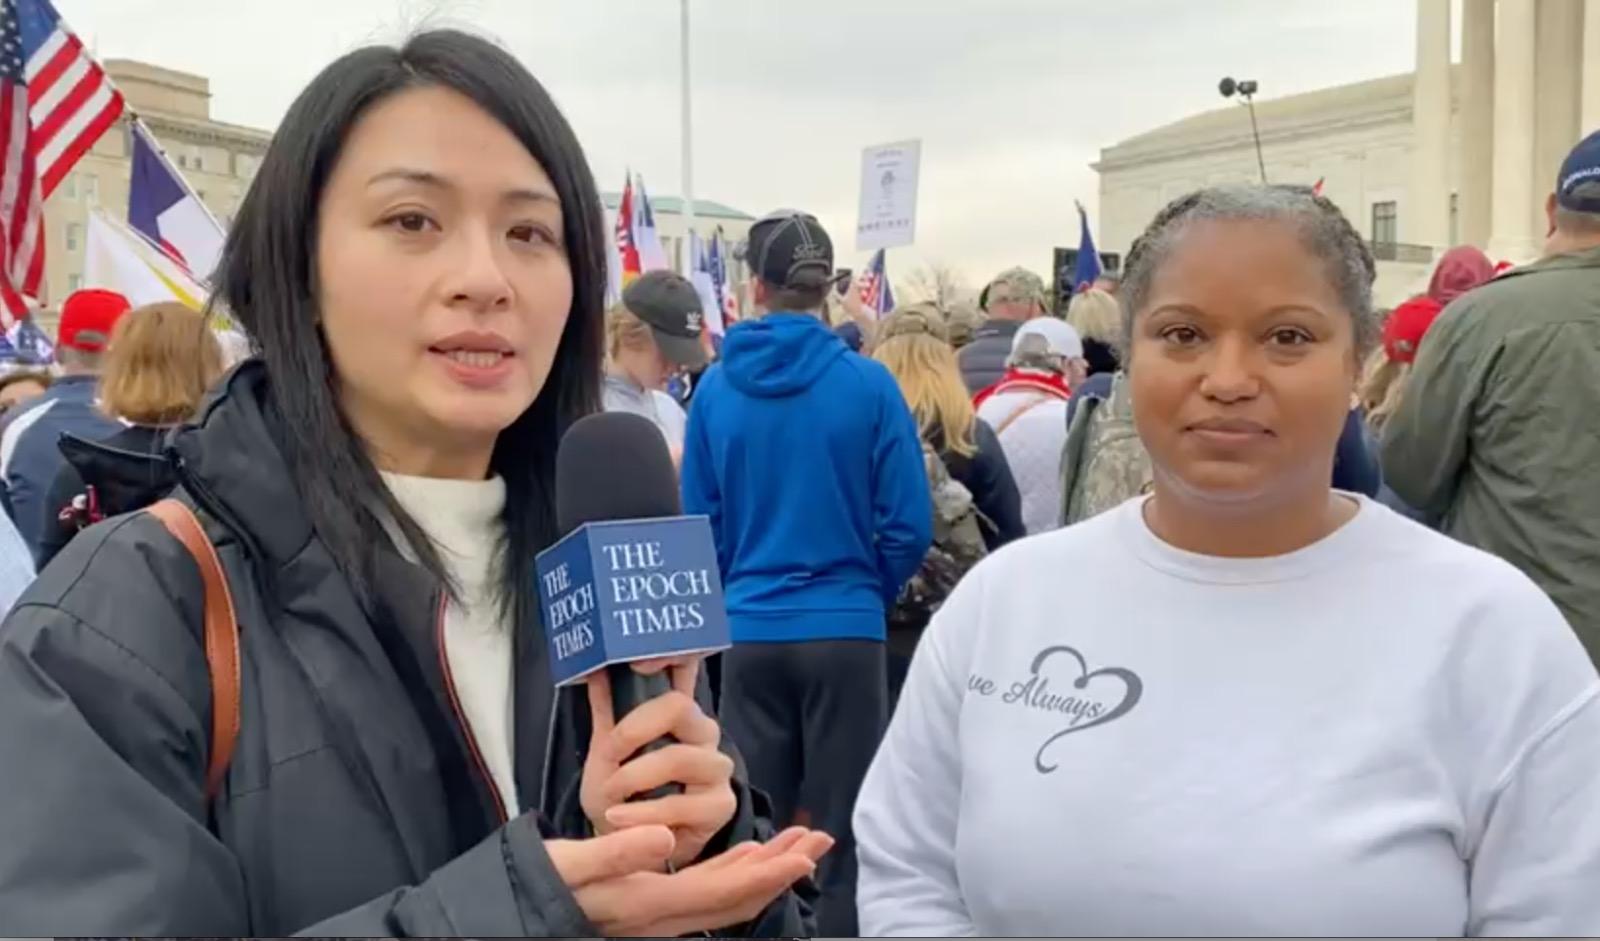 12月12日,一位美國退休軍人在華盛頓的集會活動中表示,今天來到這裏是為維護美國憲法和每個美國人的權力,同時寄語香港人要抱持希望與信念。(Hanson/大紀元)